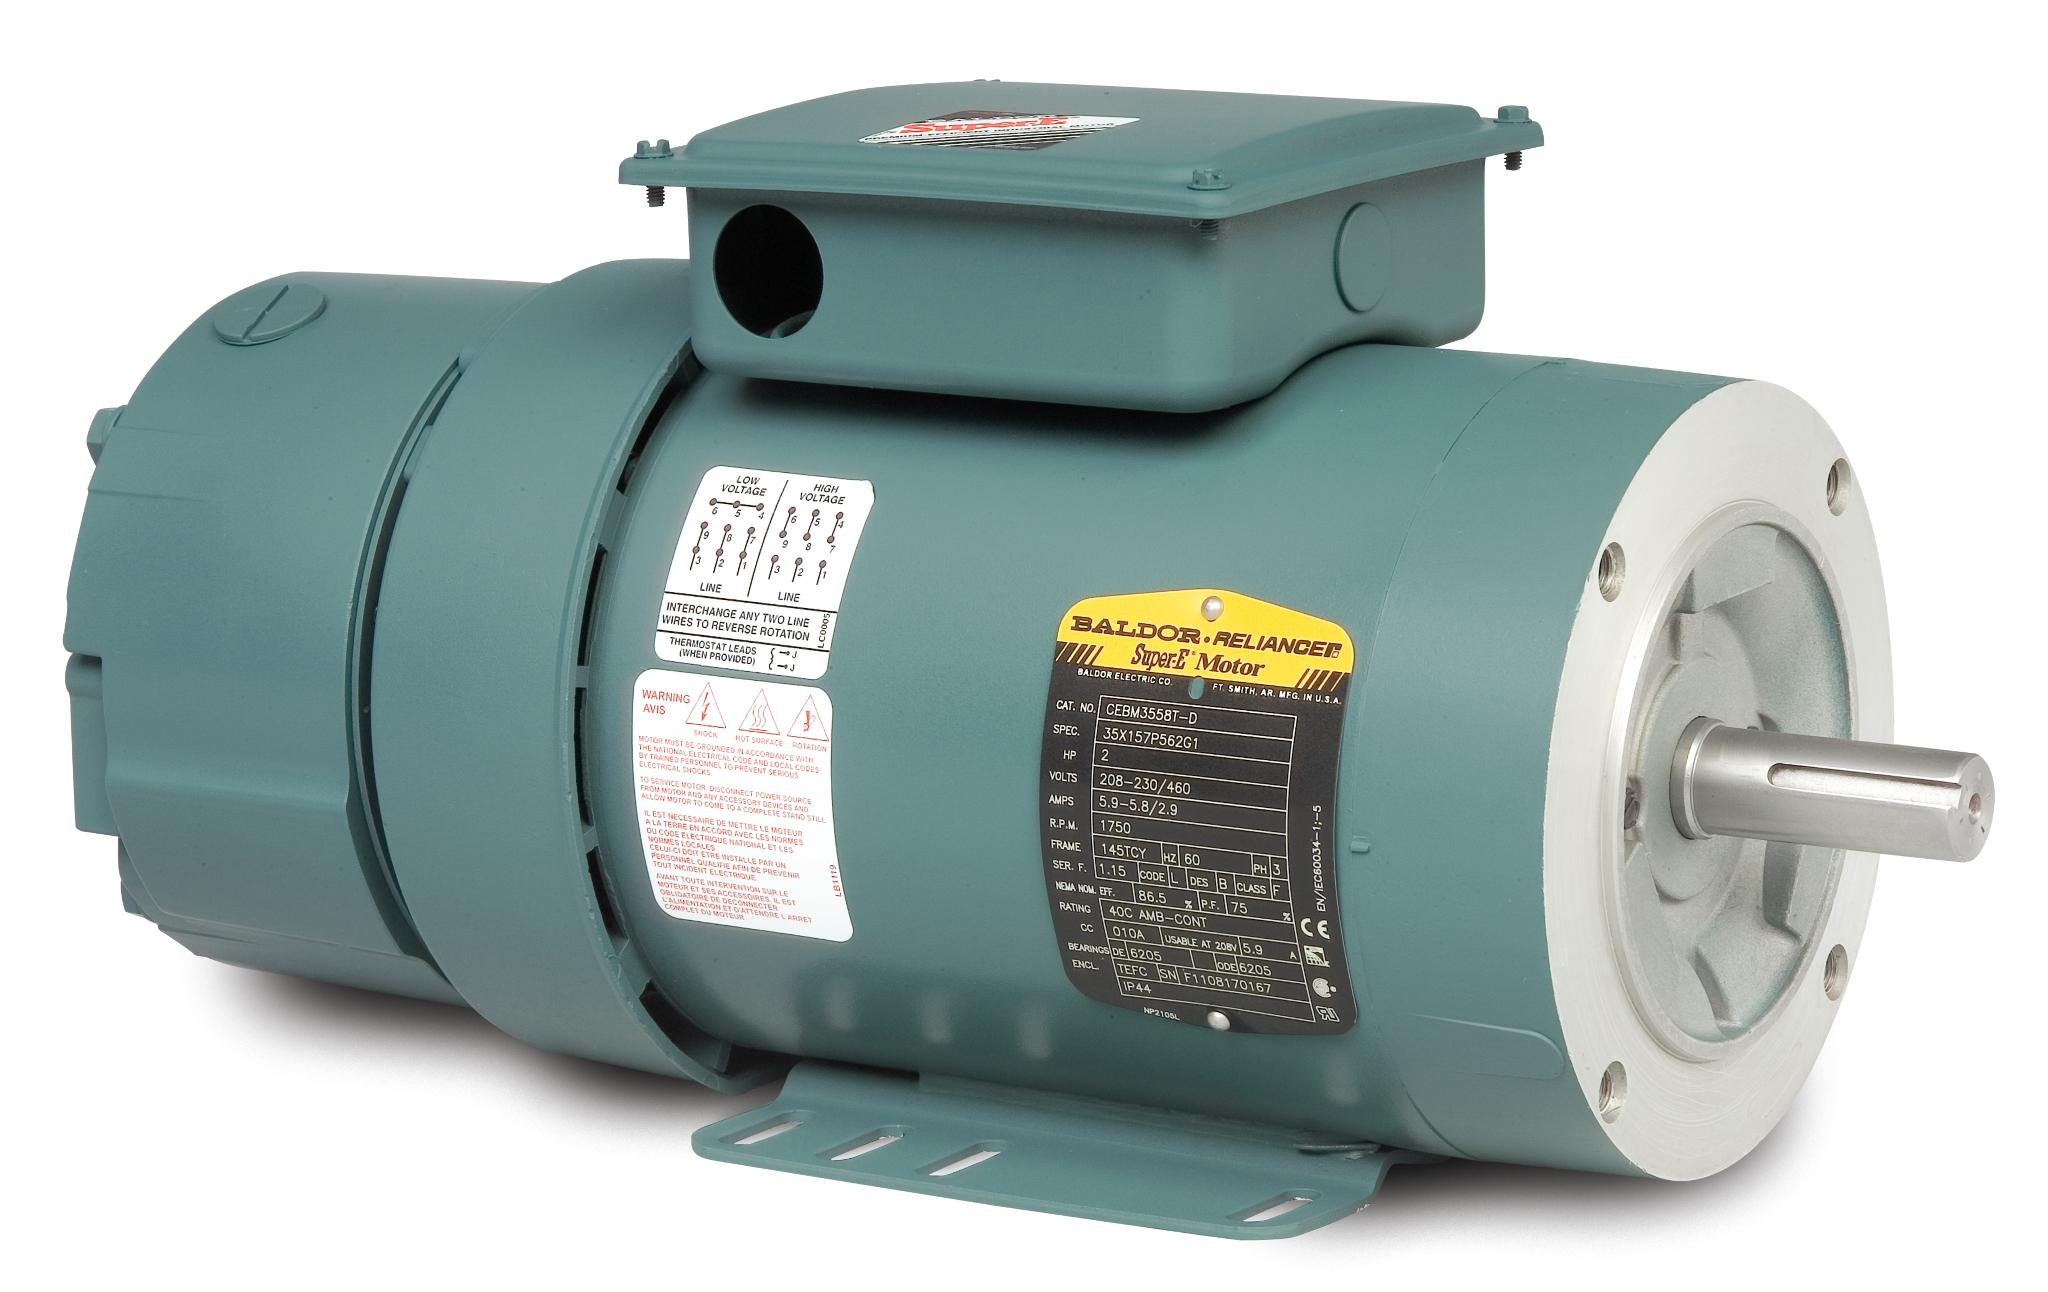 Single Phase Wiring Diagram Baldor M2513t Generator Diagrams